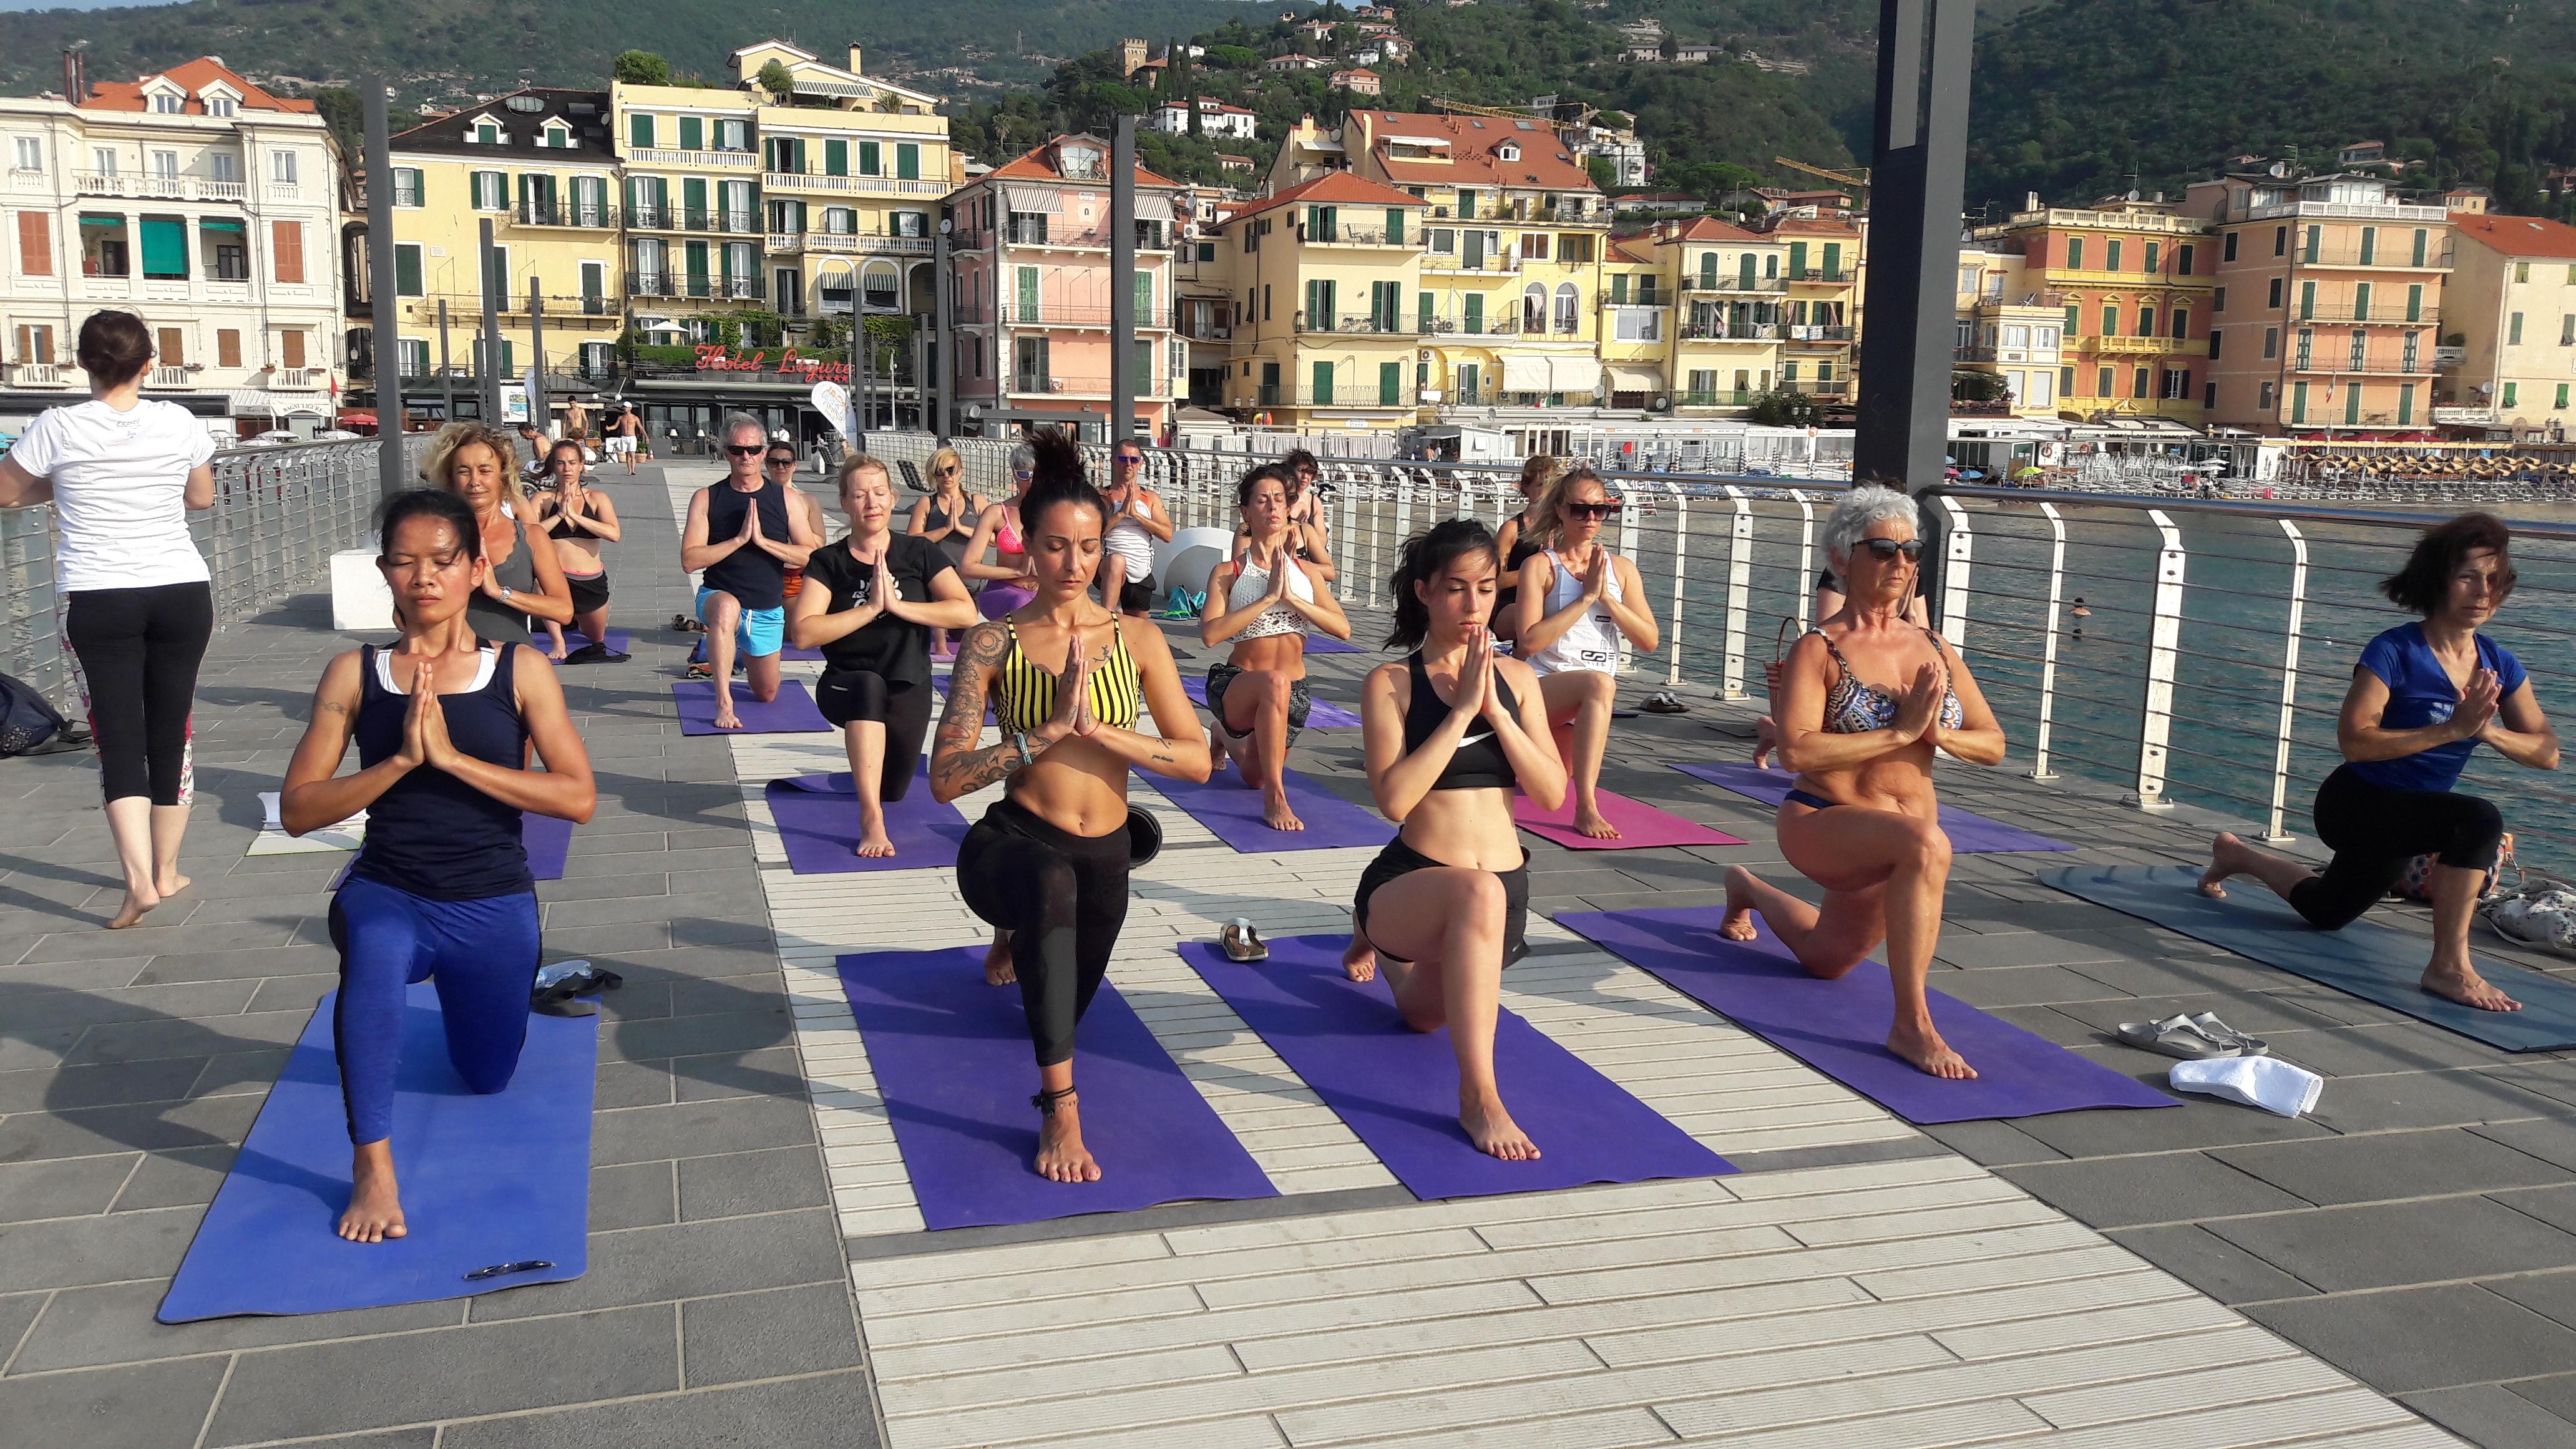 1_essere-free-yoga-gratuito-benessere-per-tutti-village-citta-alassio-estate-lucia-ragazzi-summer-town-wellness-031